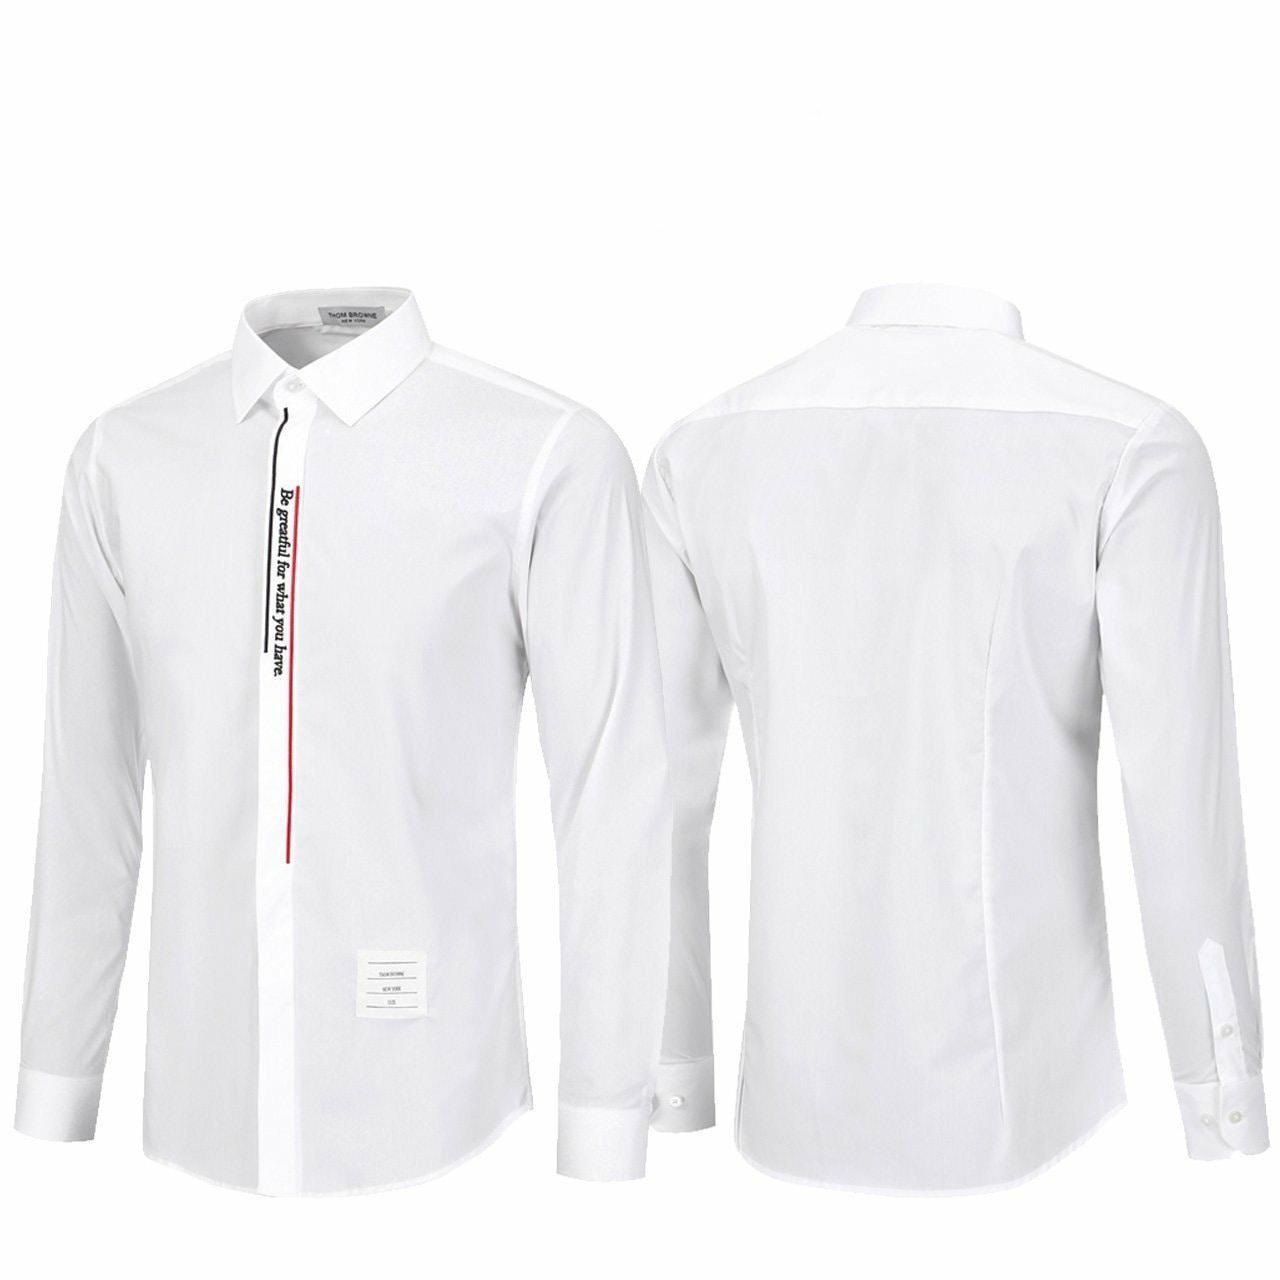 톰브라운 레터링 스판 셔츠